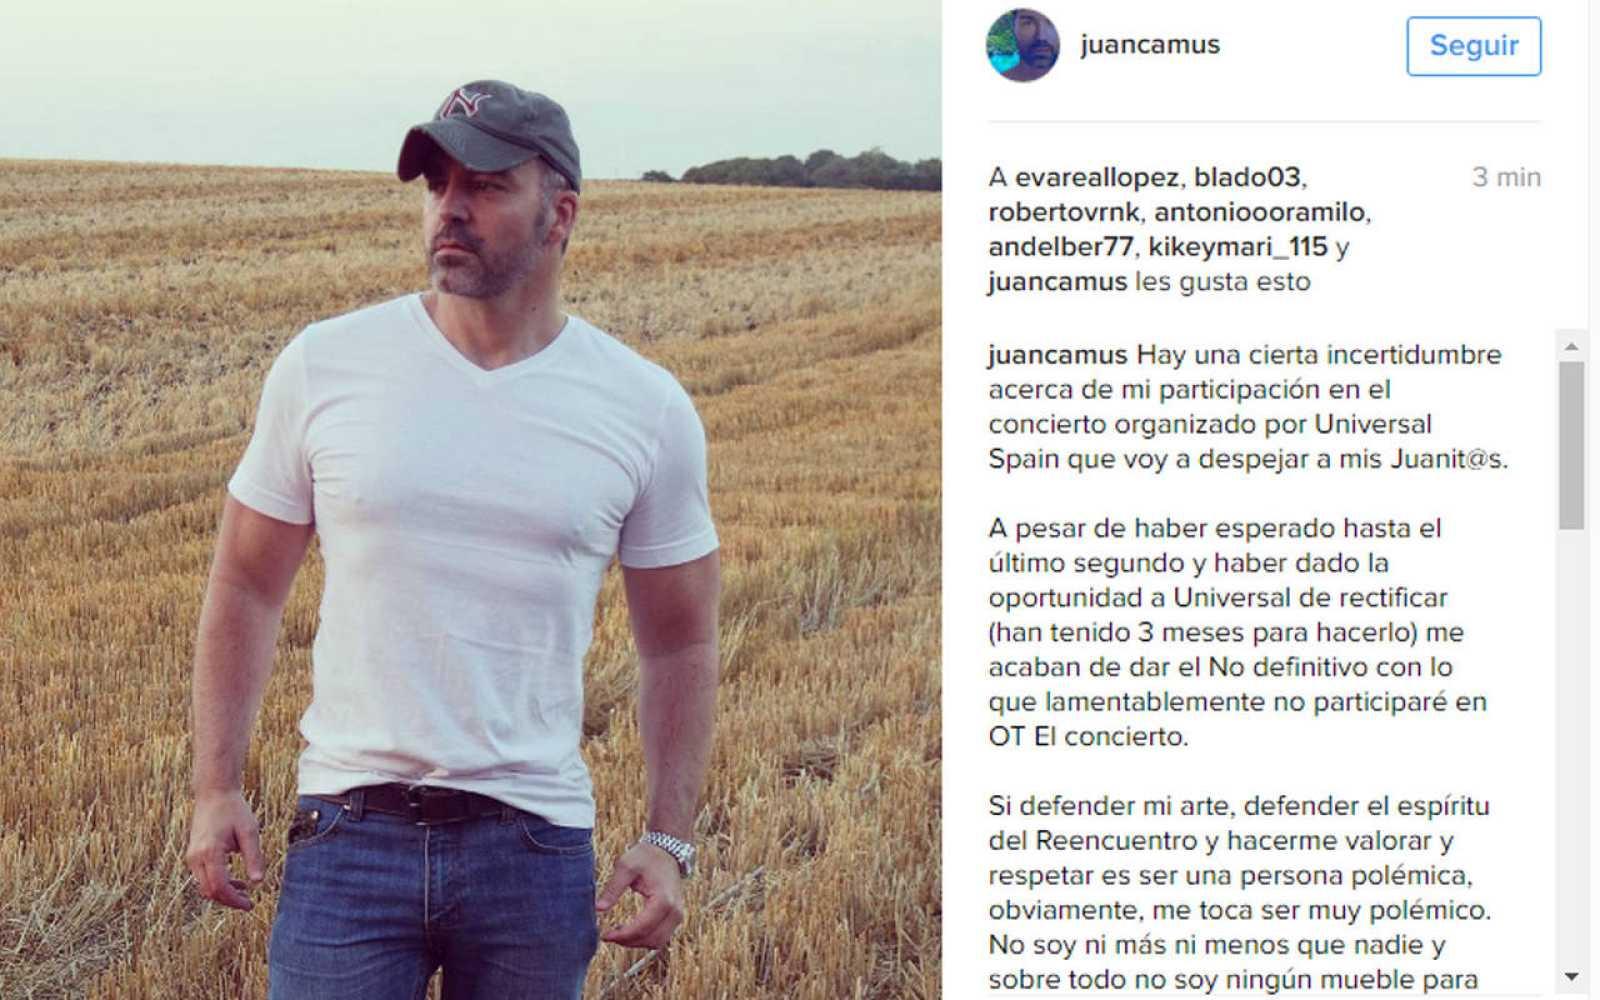 Juan Camus se queda fuera del concierto reencuento de OT del 31 de octubre